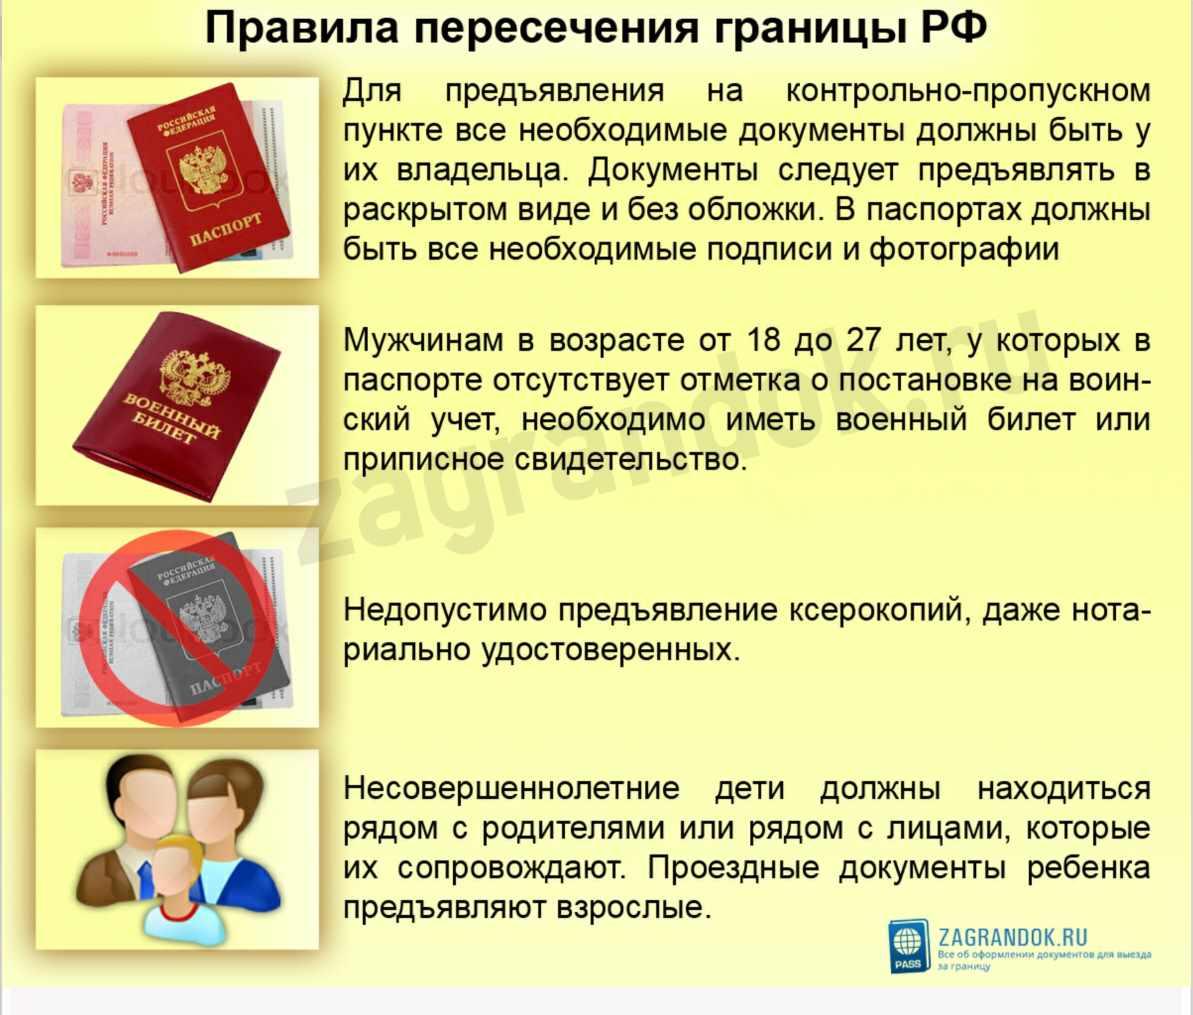 Правила пересечения границы РФ